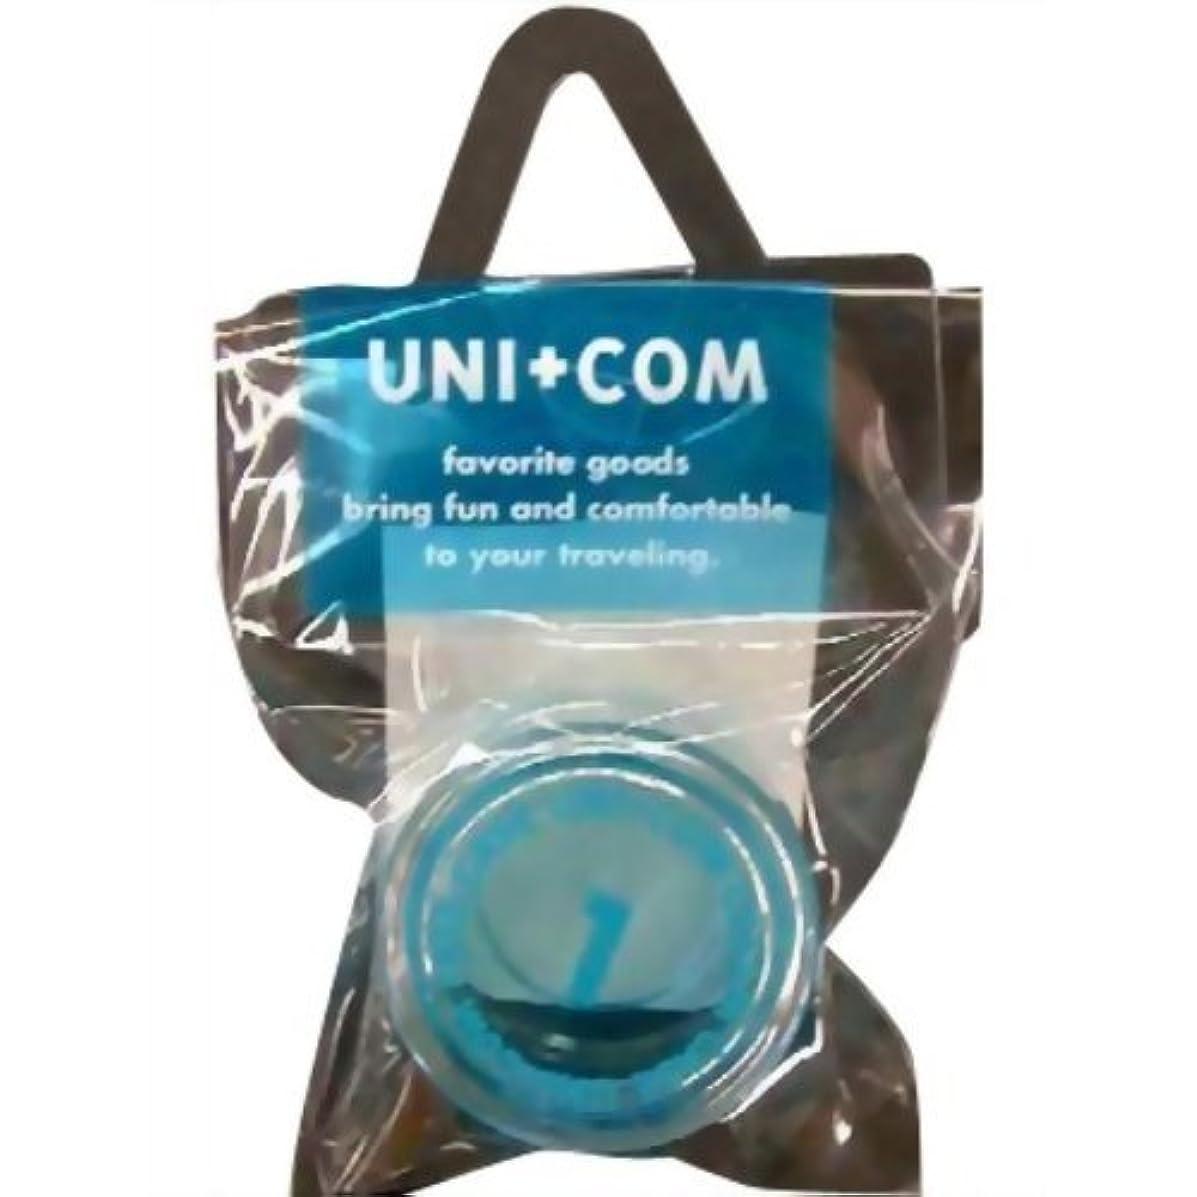 レビュアー尽きる可動式ユニコム クリームケース 10g ブルー